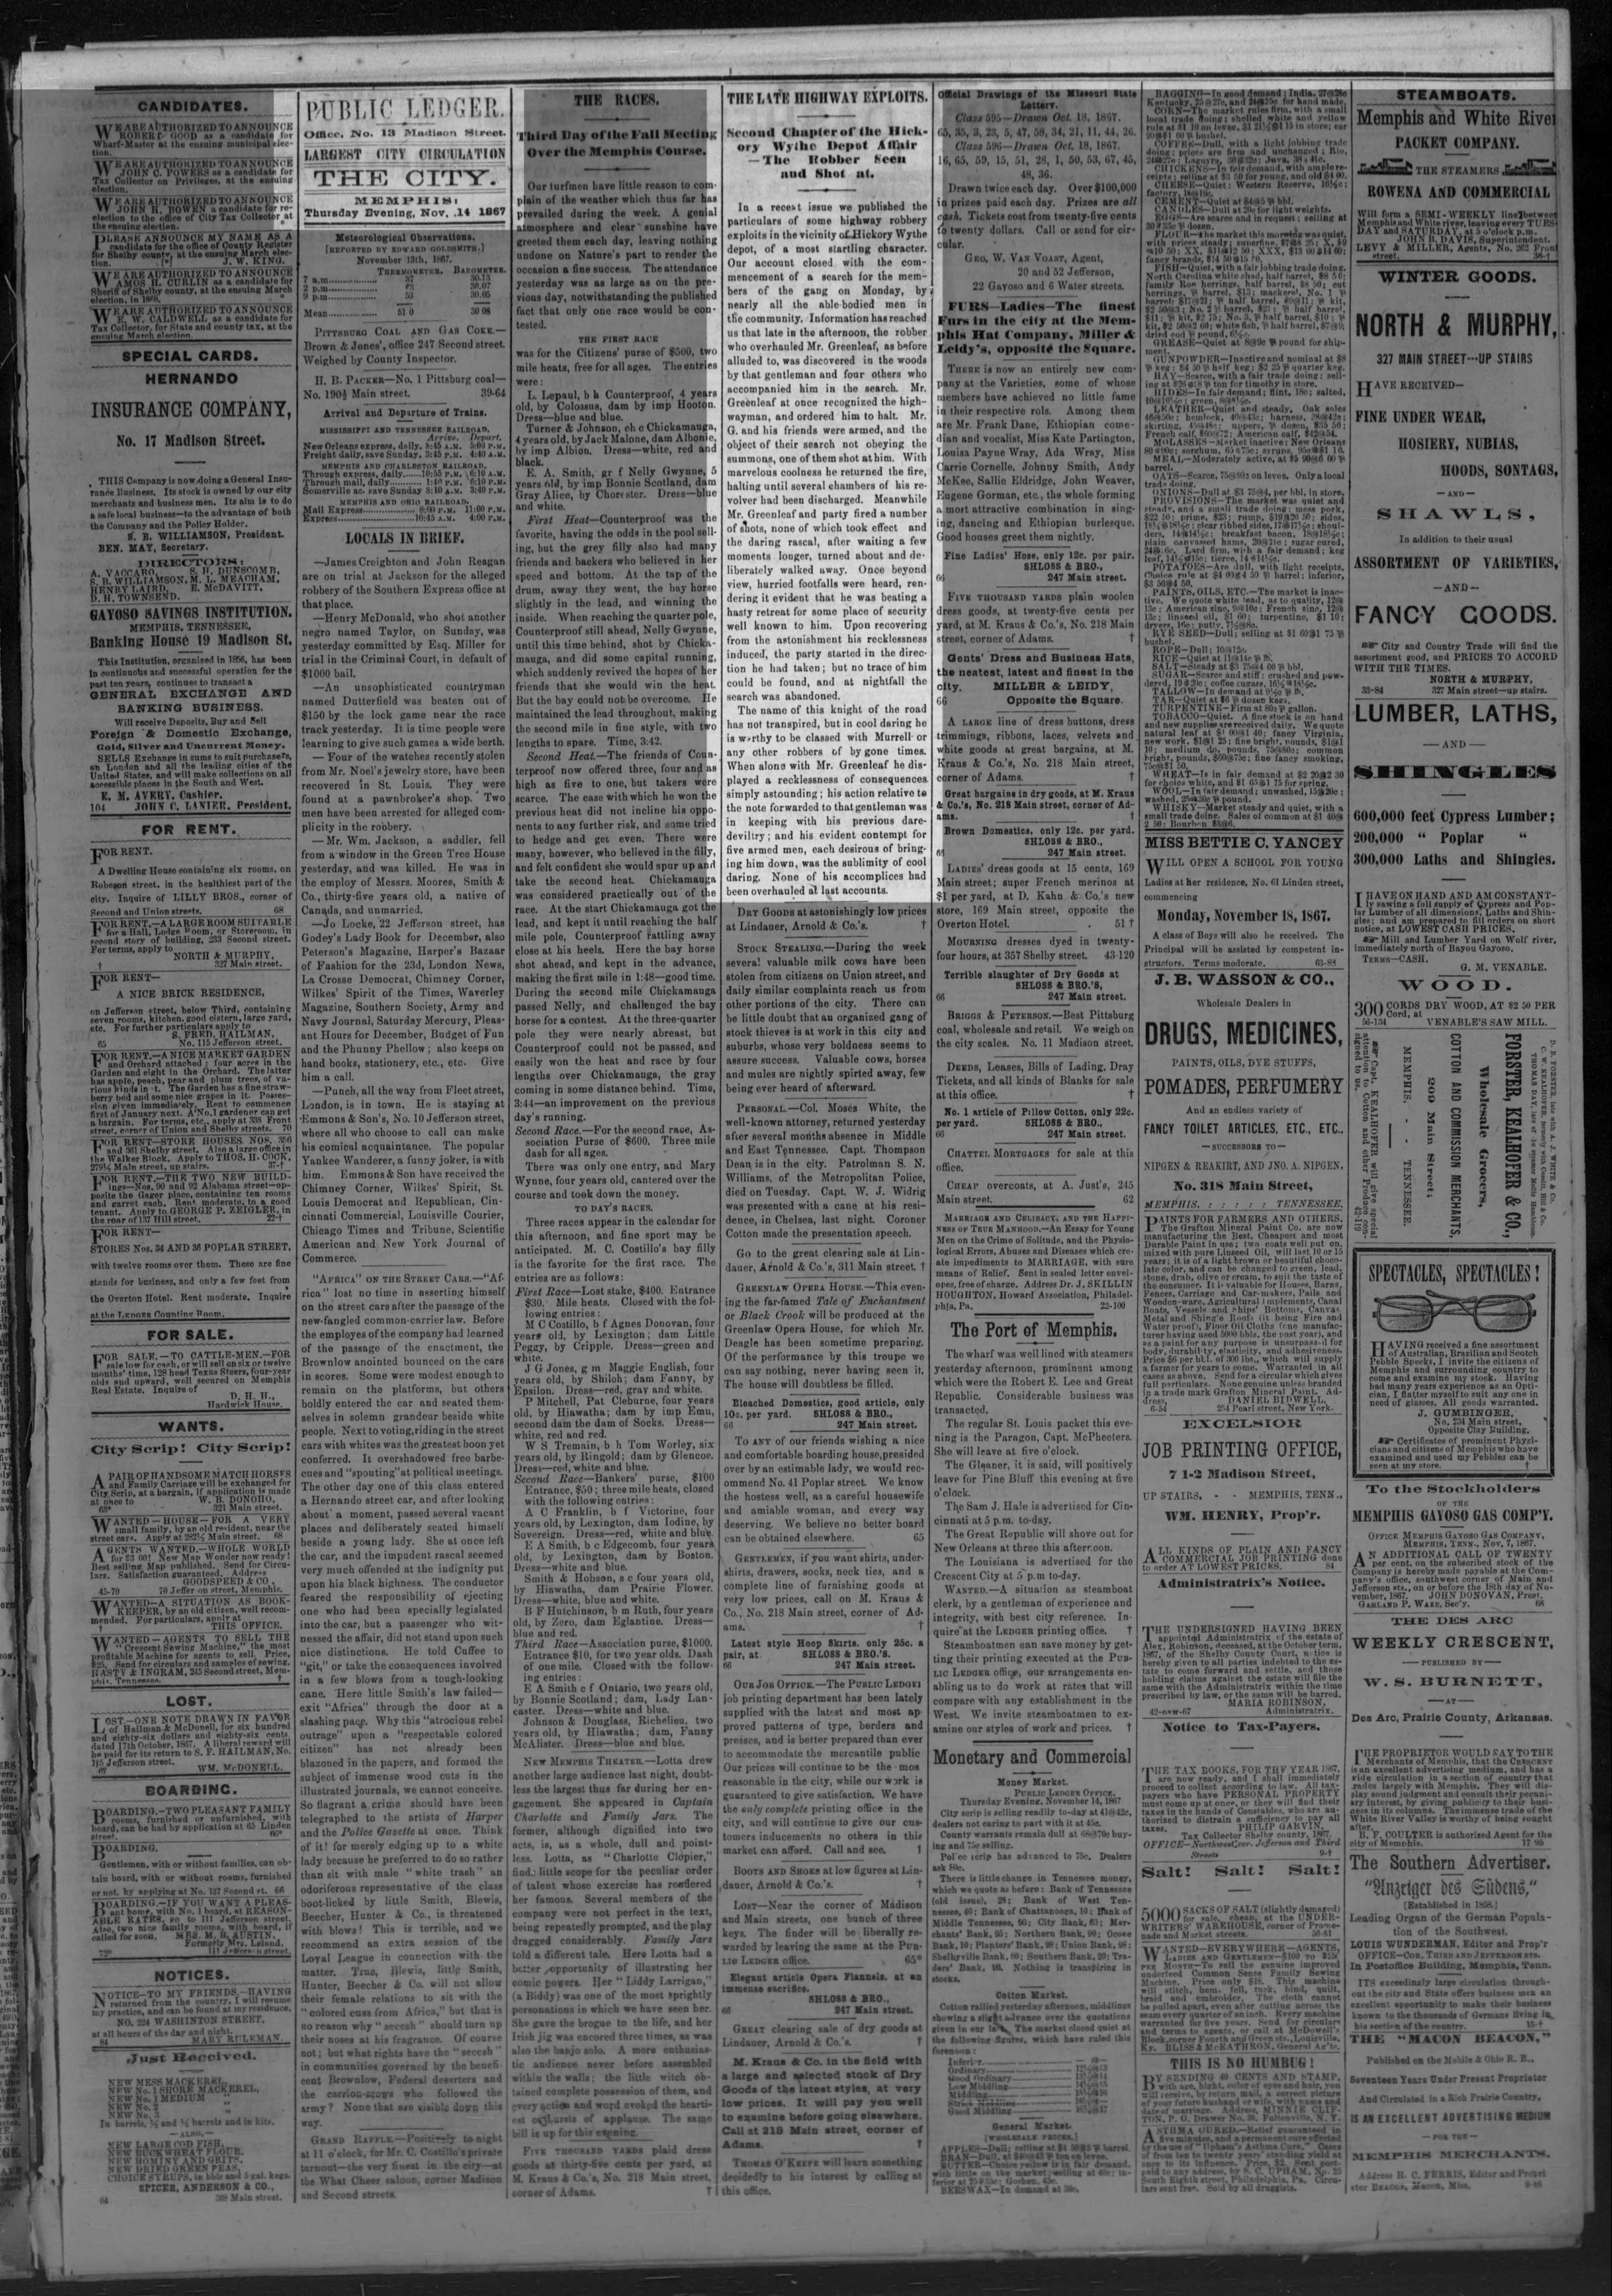 Public Ledger, 11/14/1867